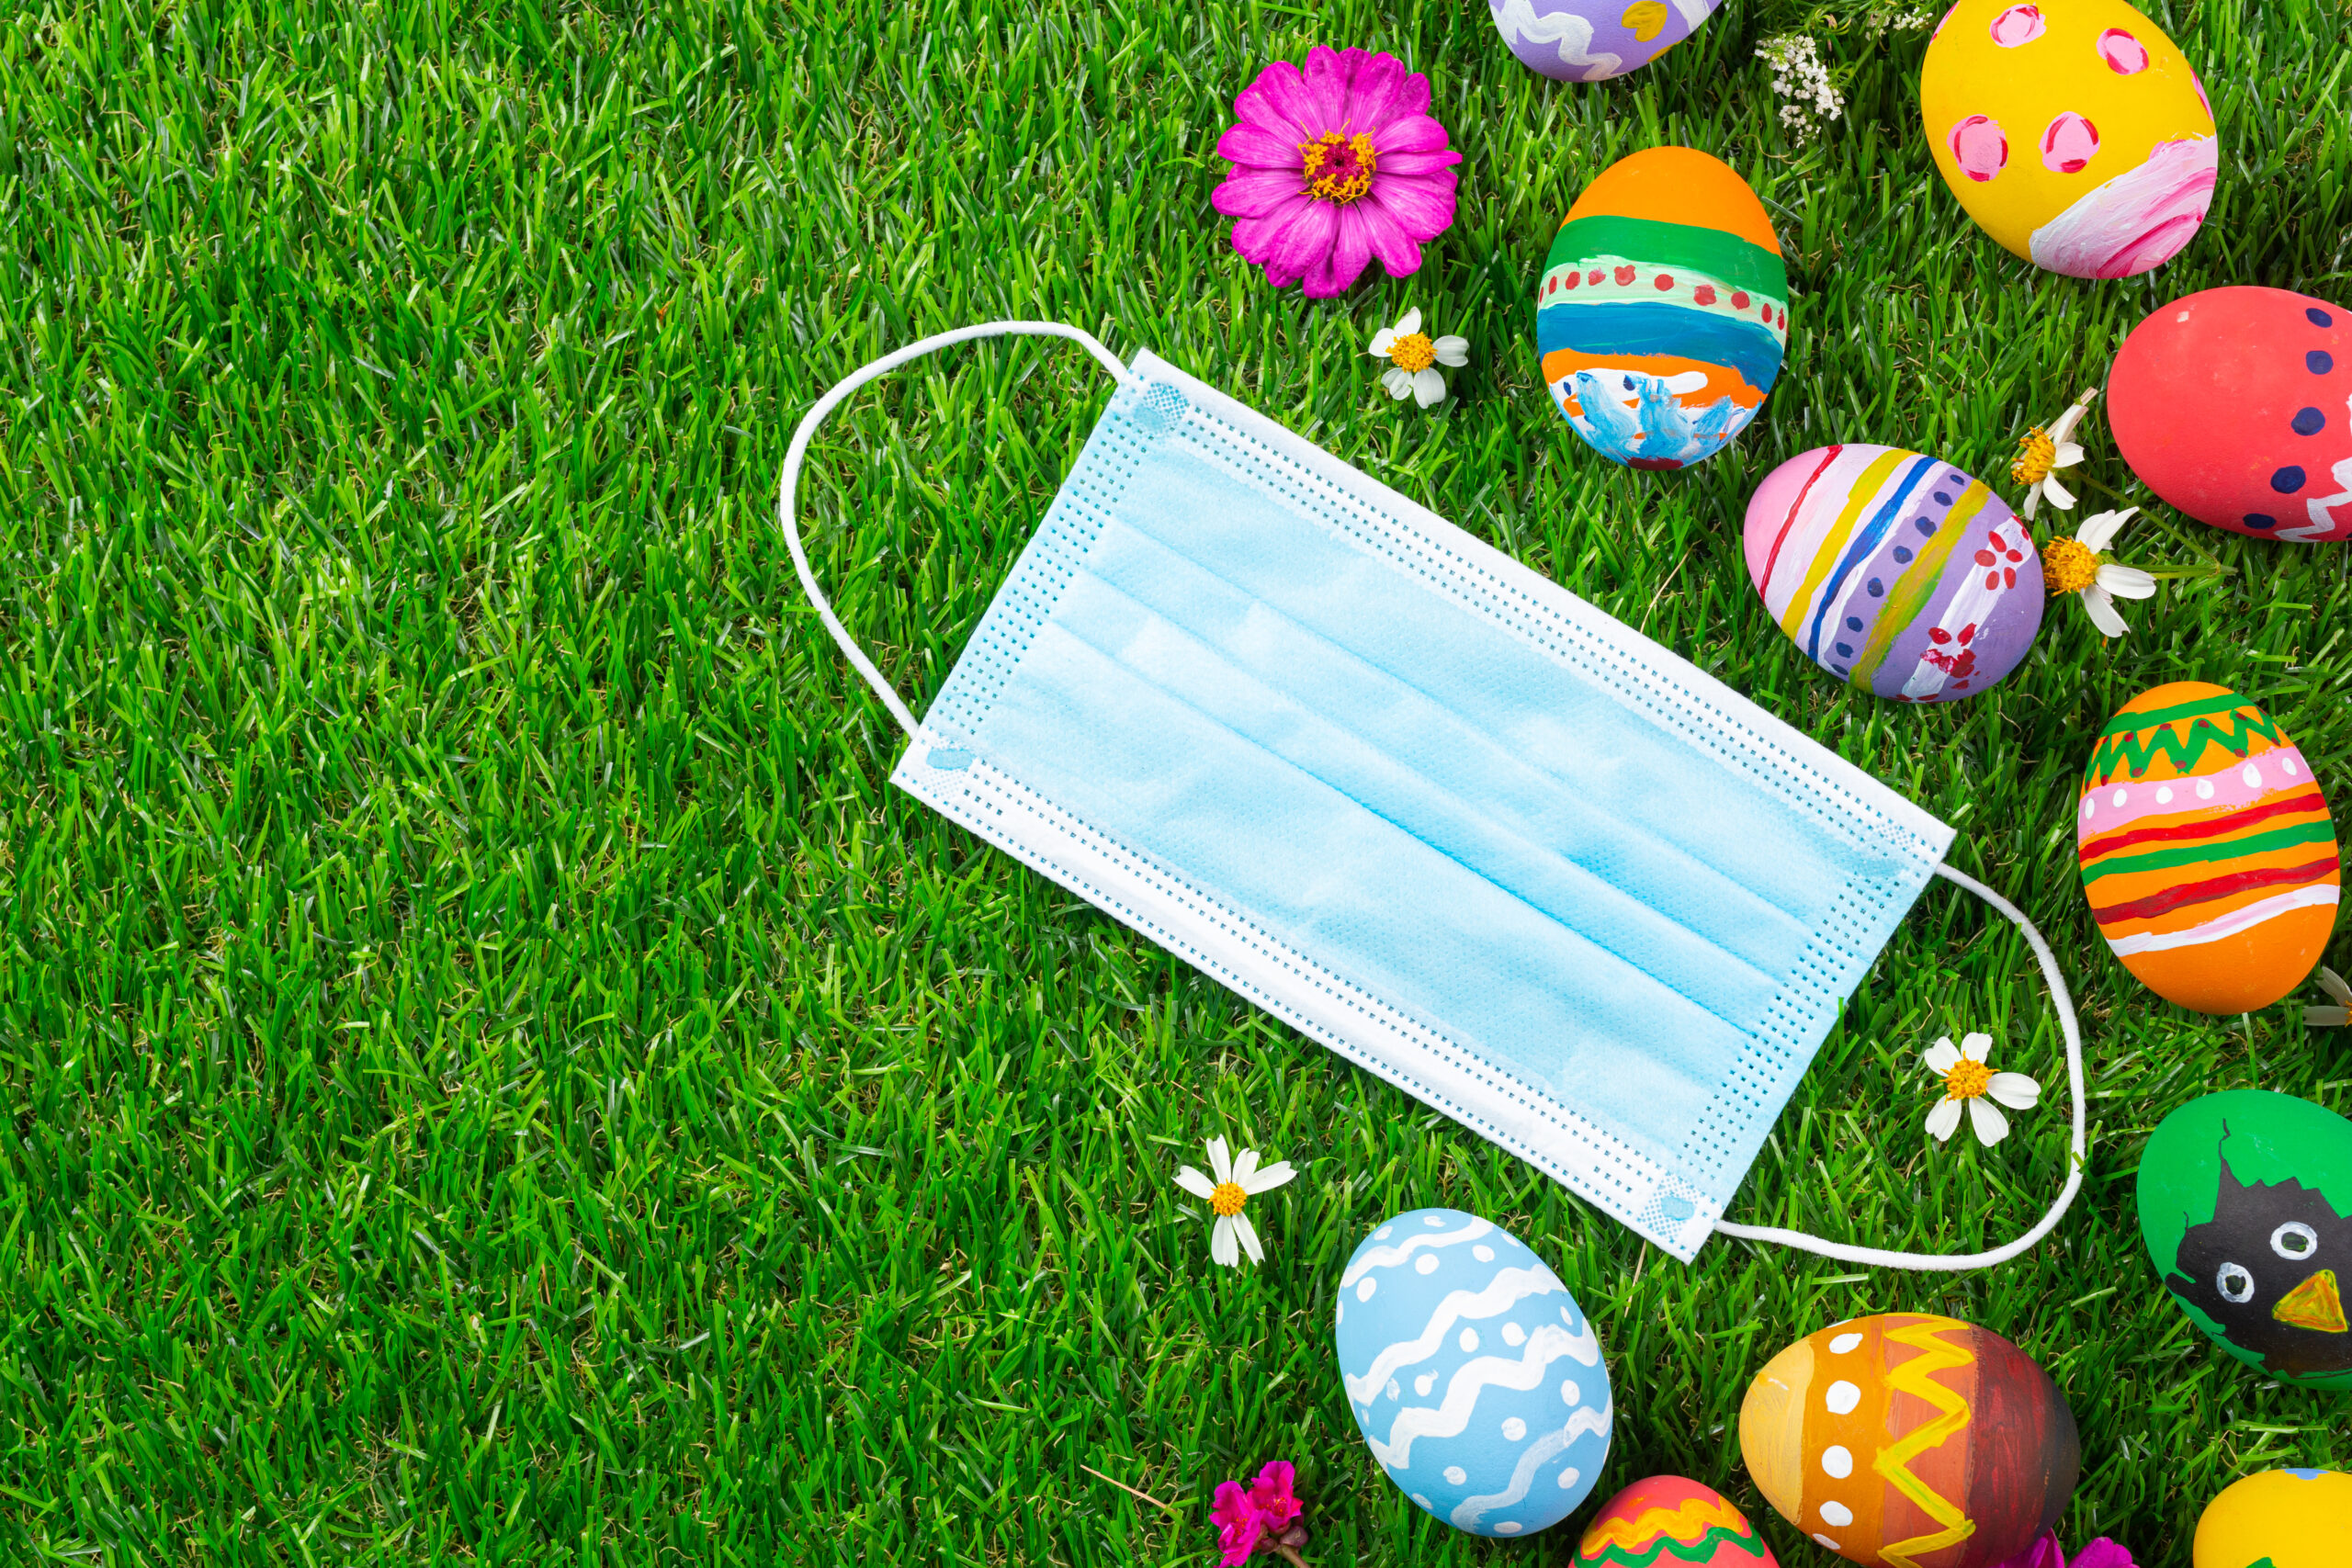 värikkäitä pääsiäismunia ja käyttämätön maski nurmikolla